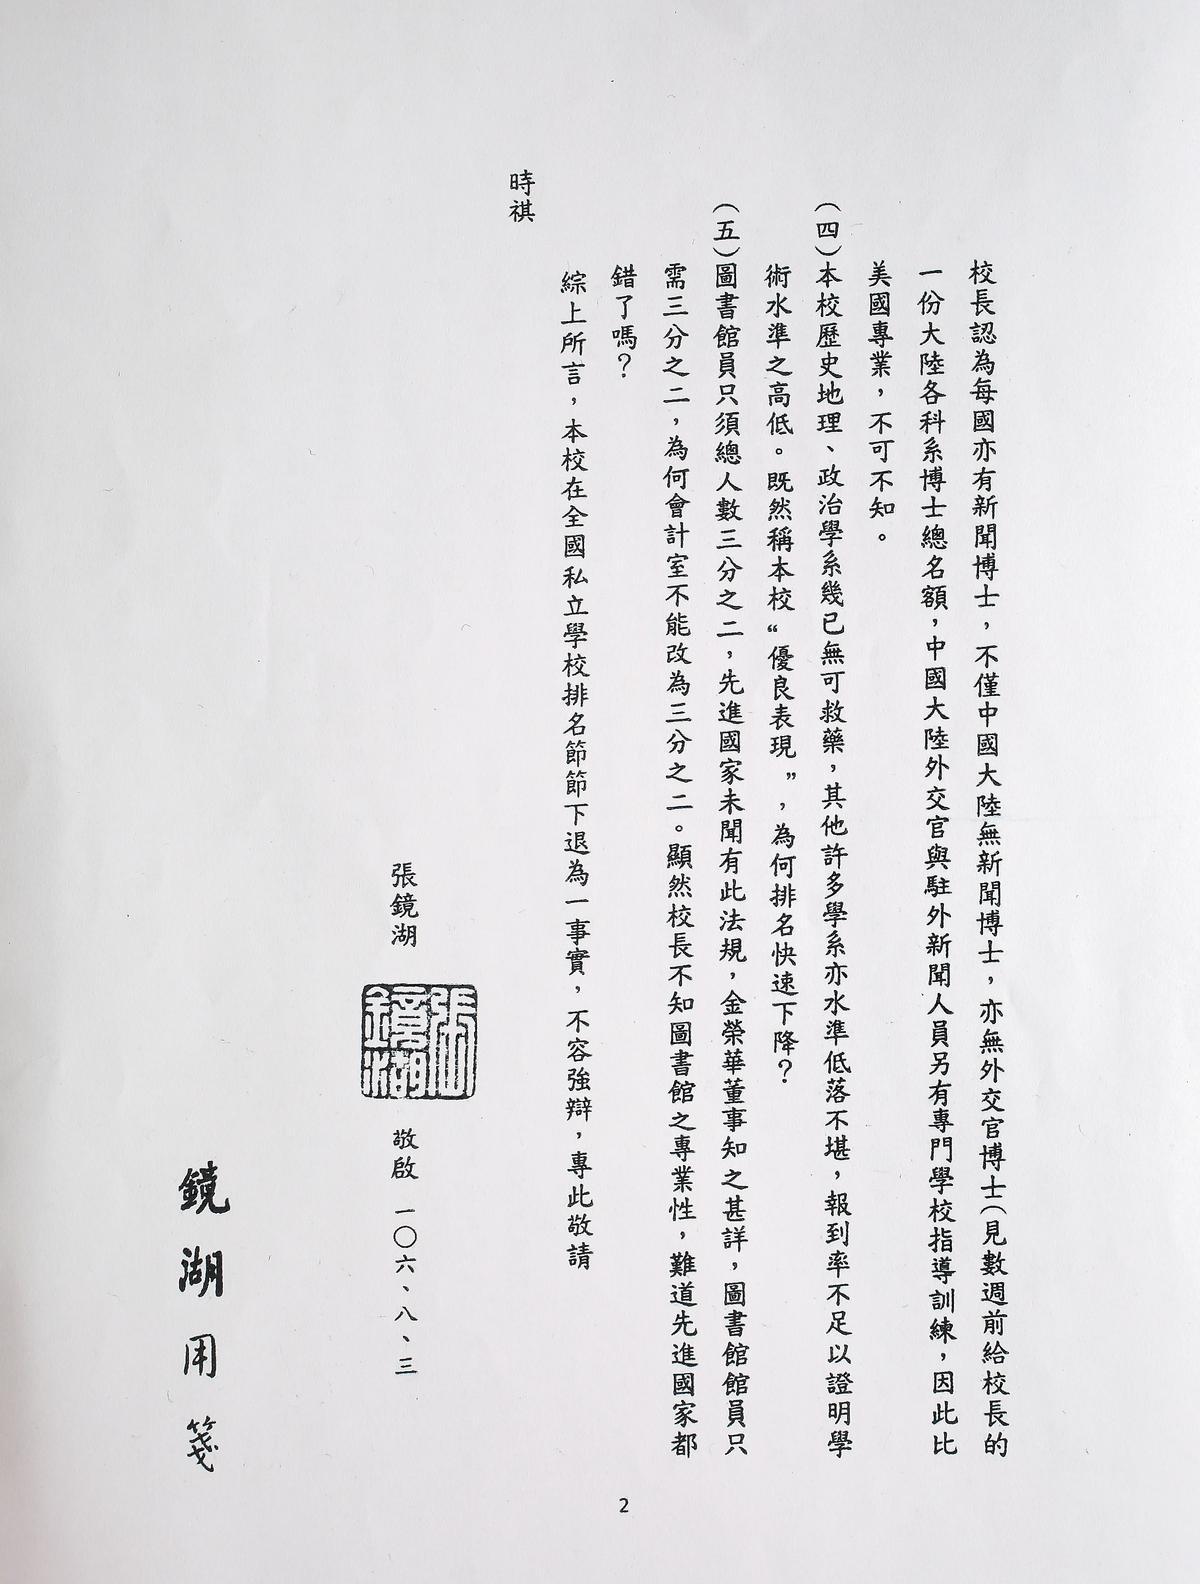 文大董事長張鏡湖羅列校長的5大缺失,措辭強硬地痛罵現任校長李天任治校不力。